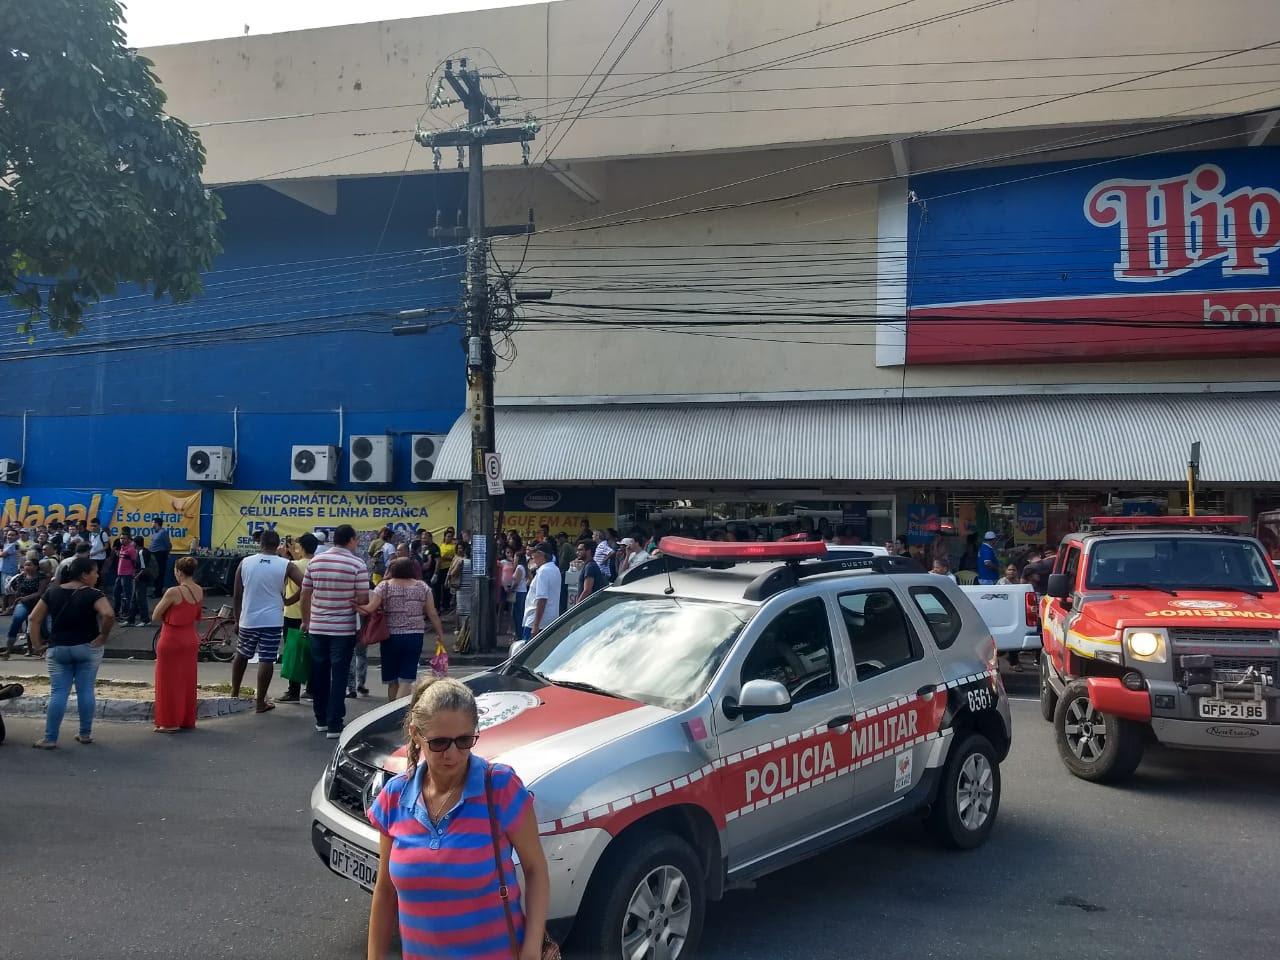 3cd31821 c19a 411d a7b6 df3af43a3536 - VEJA VÍDEO: Motorista de ônibus perde controle, invade calçada, destrói veículos e deixa feridos no Parque da Lagoa